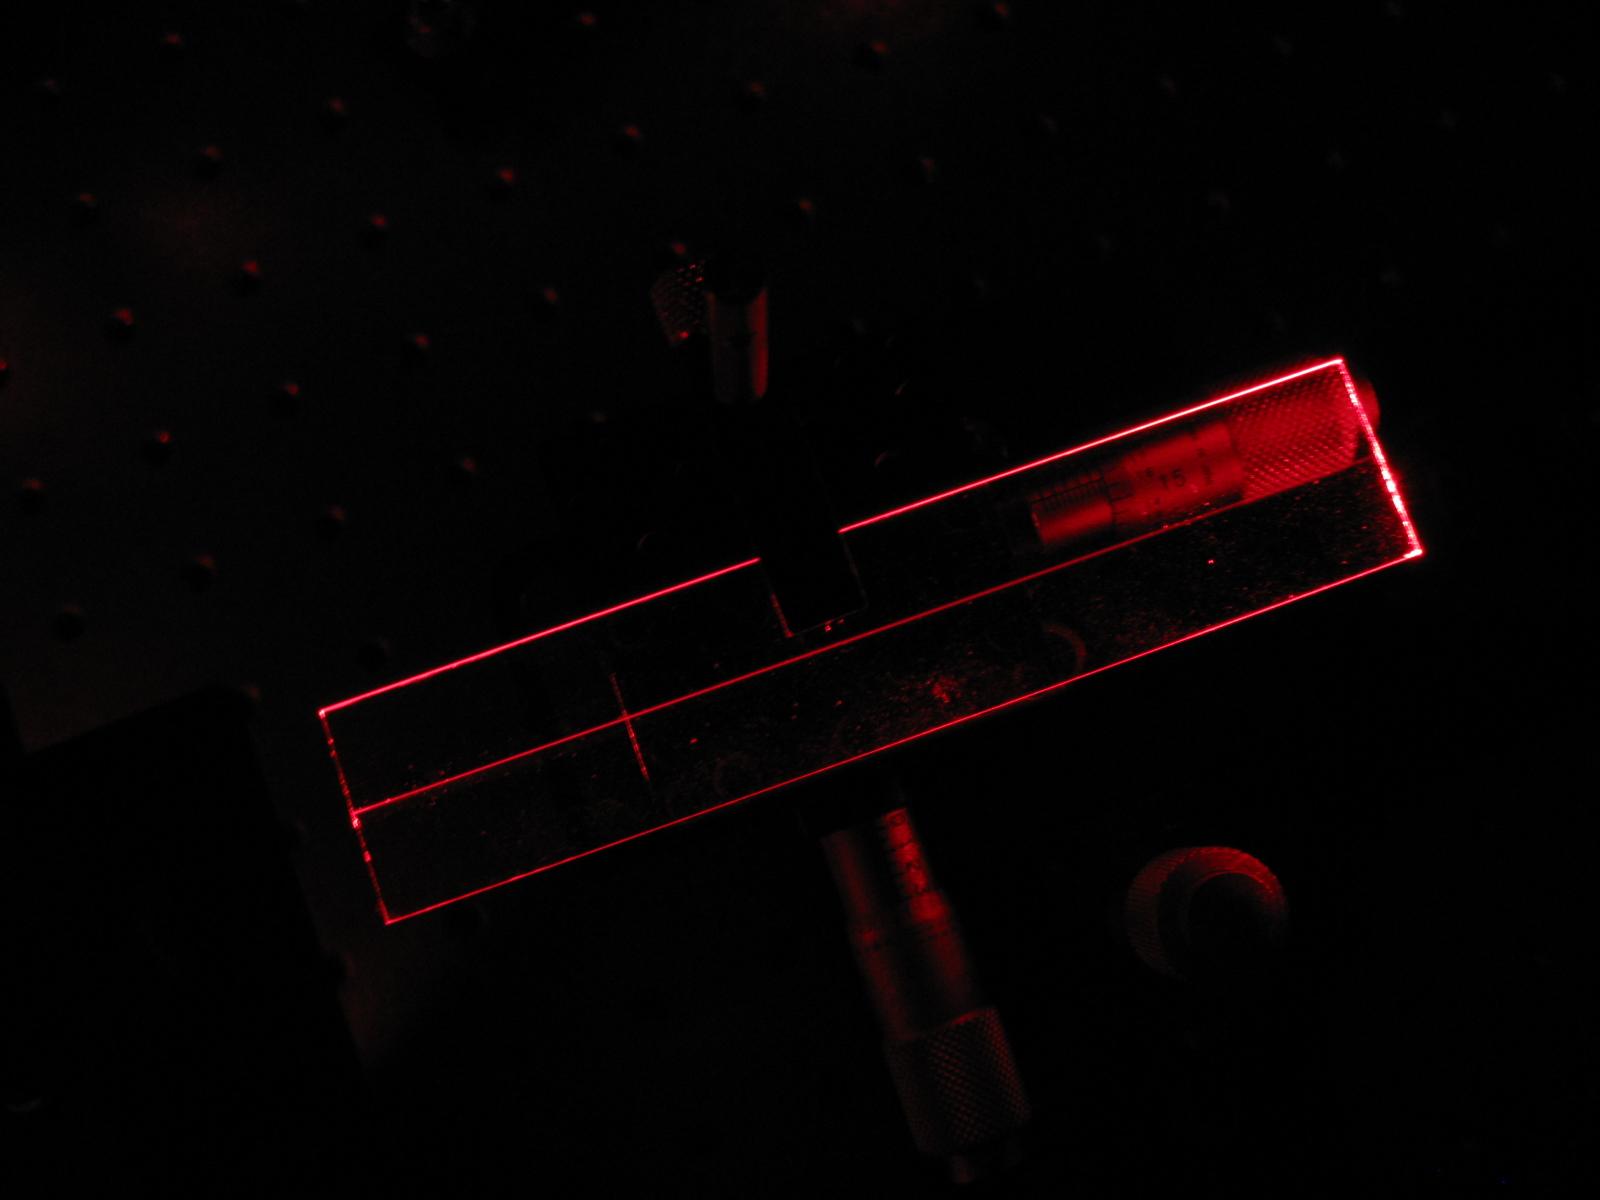 Imagen desde arriba que muestra la propagación de la luz a lo largo del arreglo de guías escrito en silicio fundido.